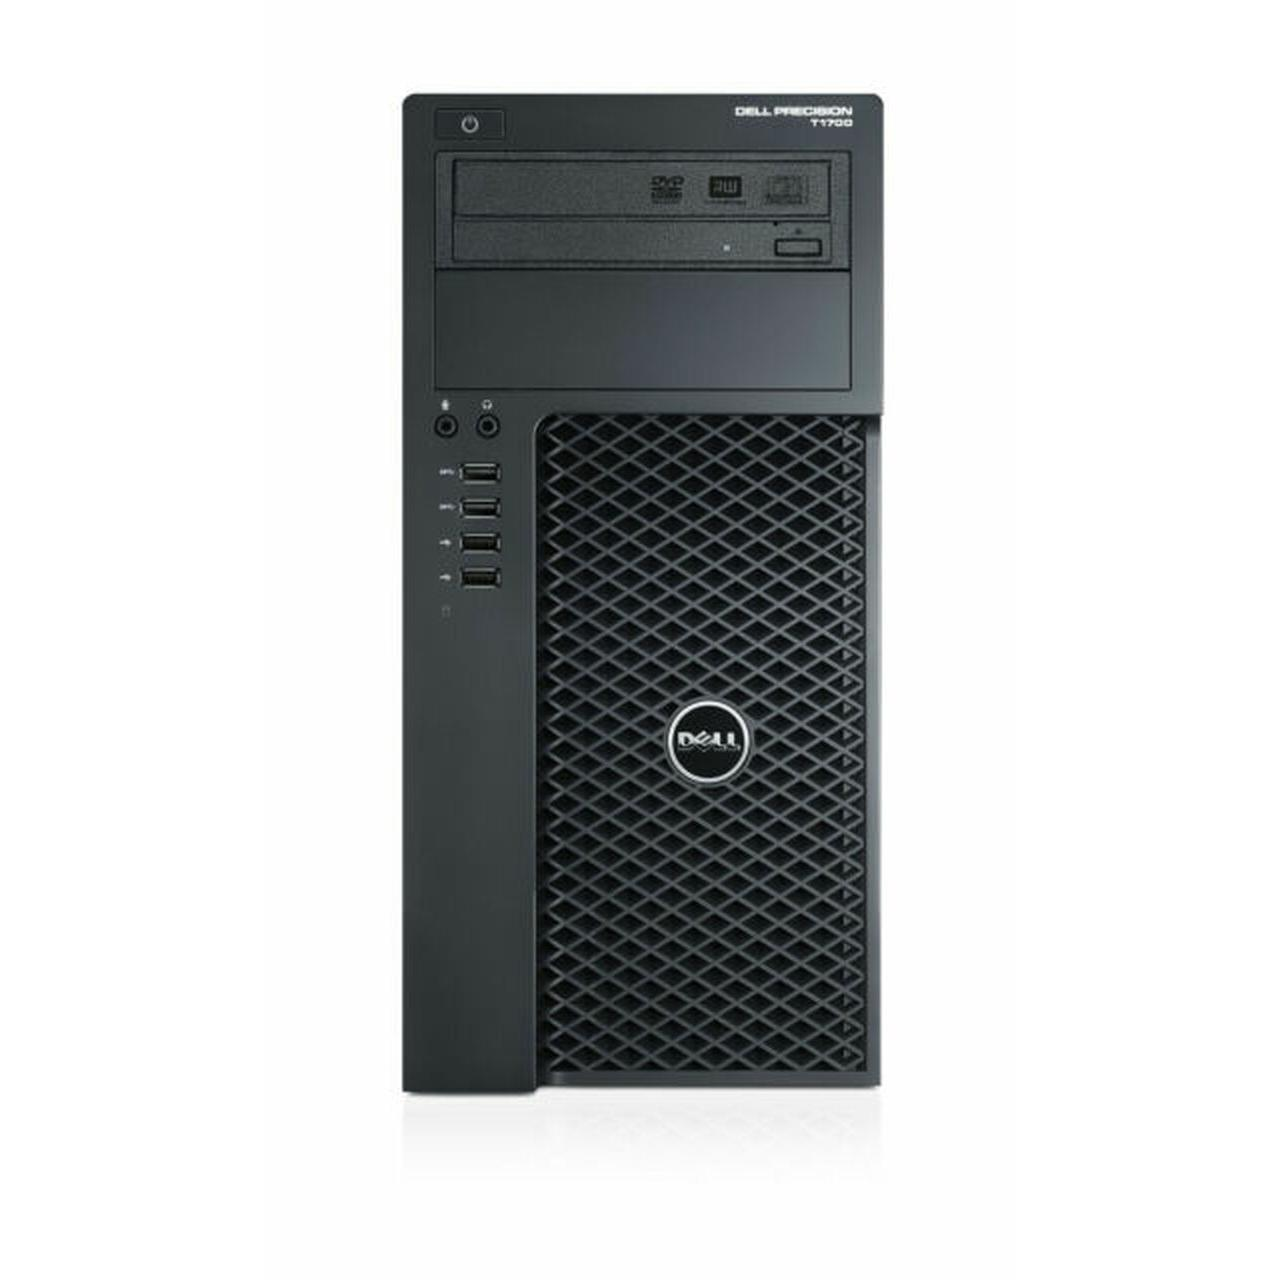 Dell Precision T1700 Core i5 3,2 GHz - SSD 256 Go RAM 16 Go